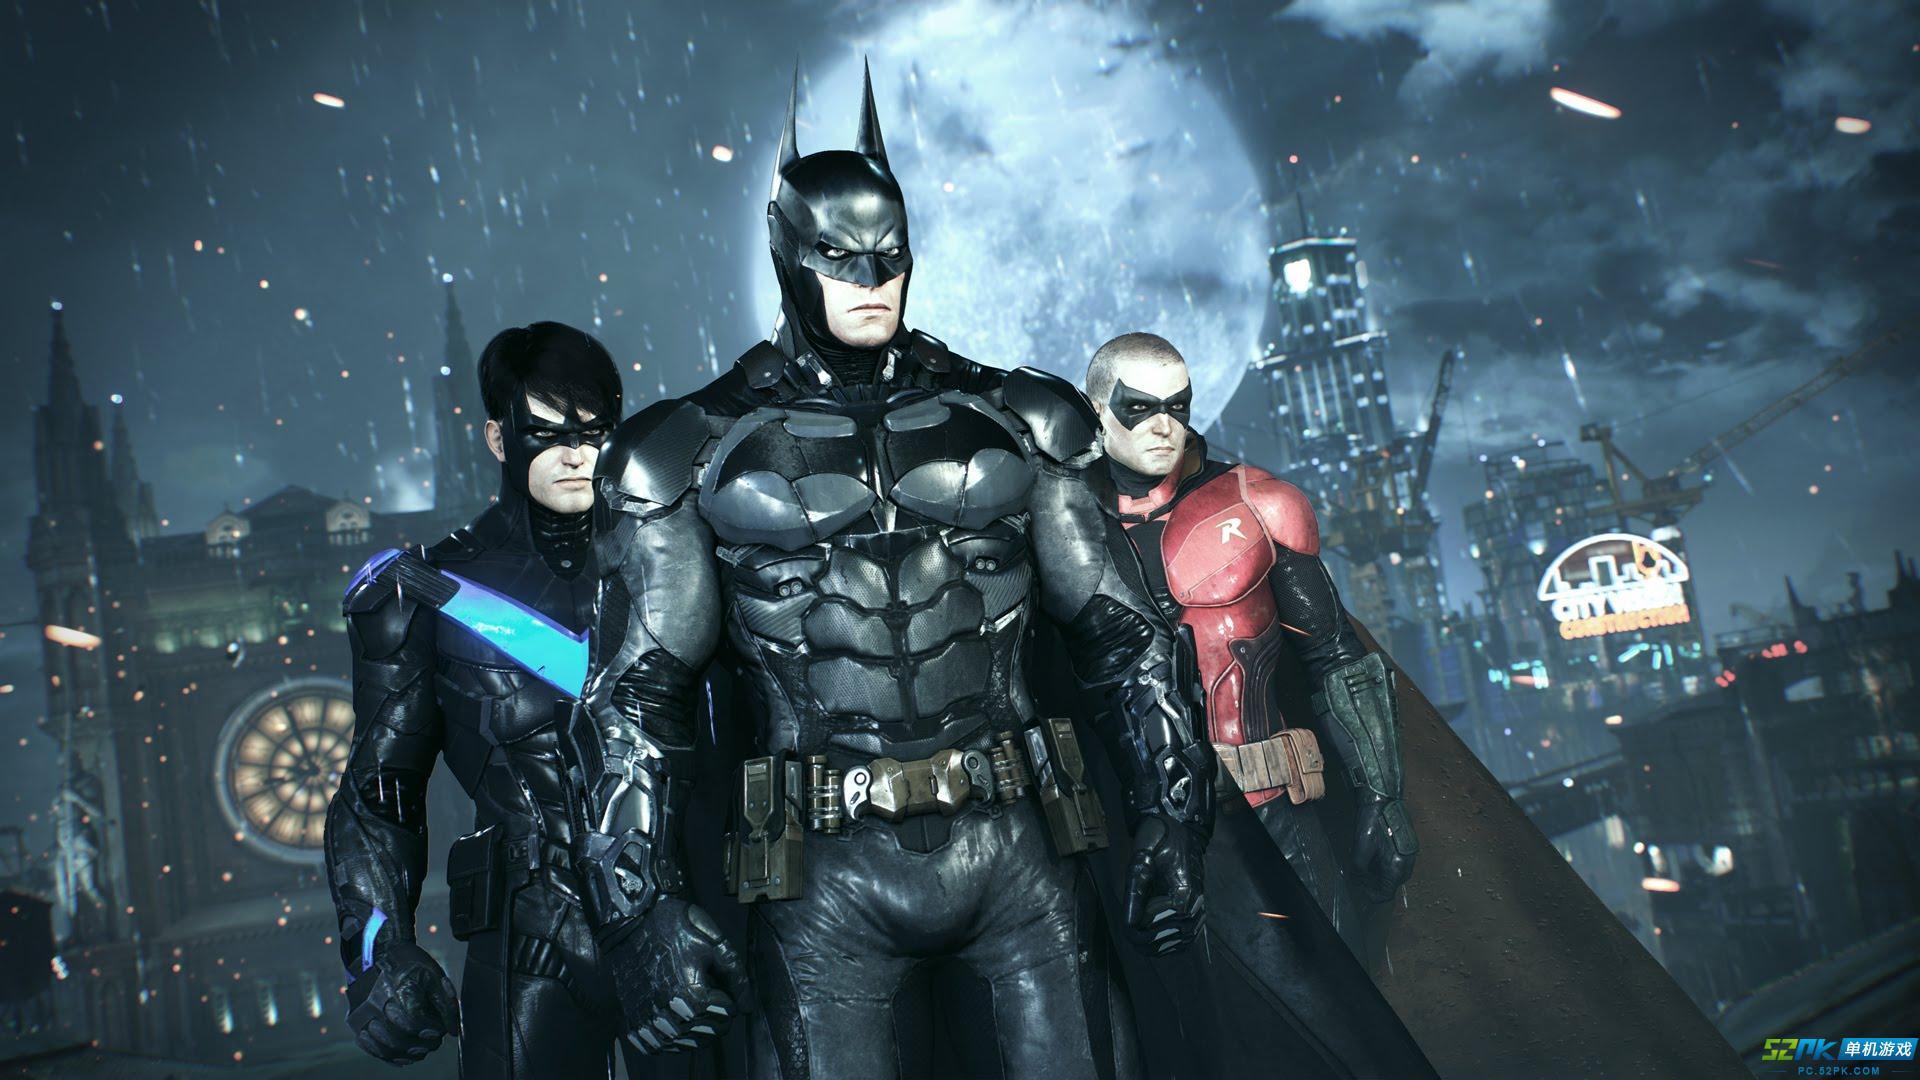 蝙蝠侠黑暗骑士归来三十周年纪念版为什么有其他漫画的封面